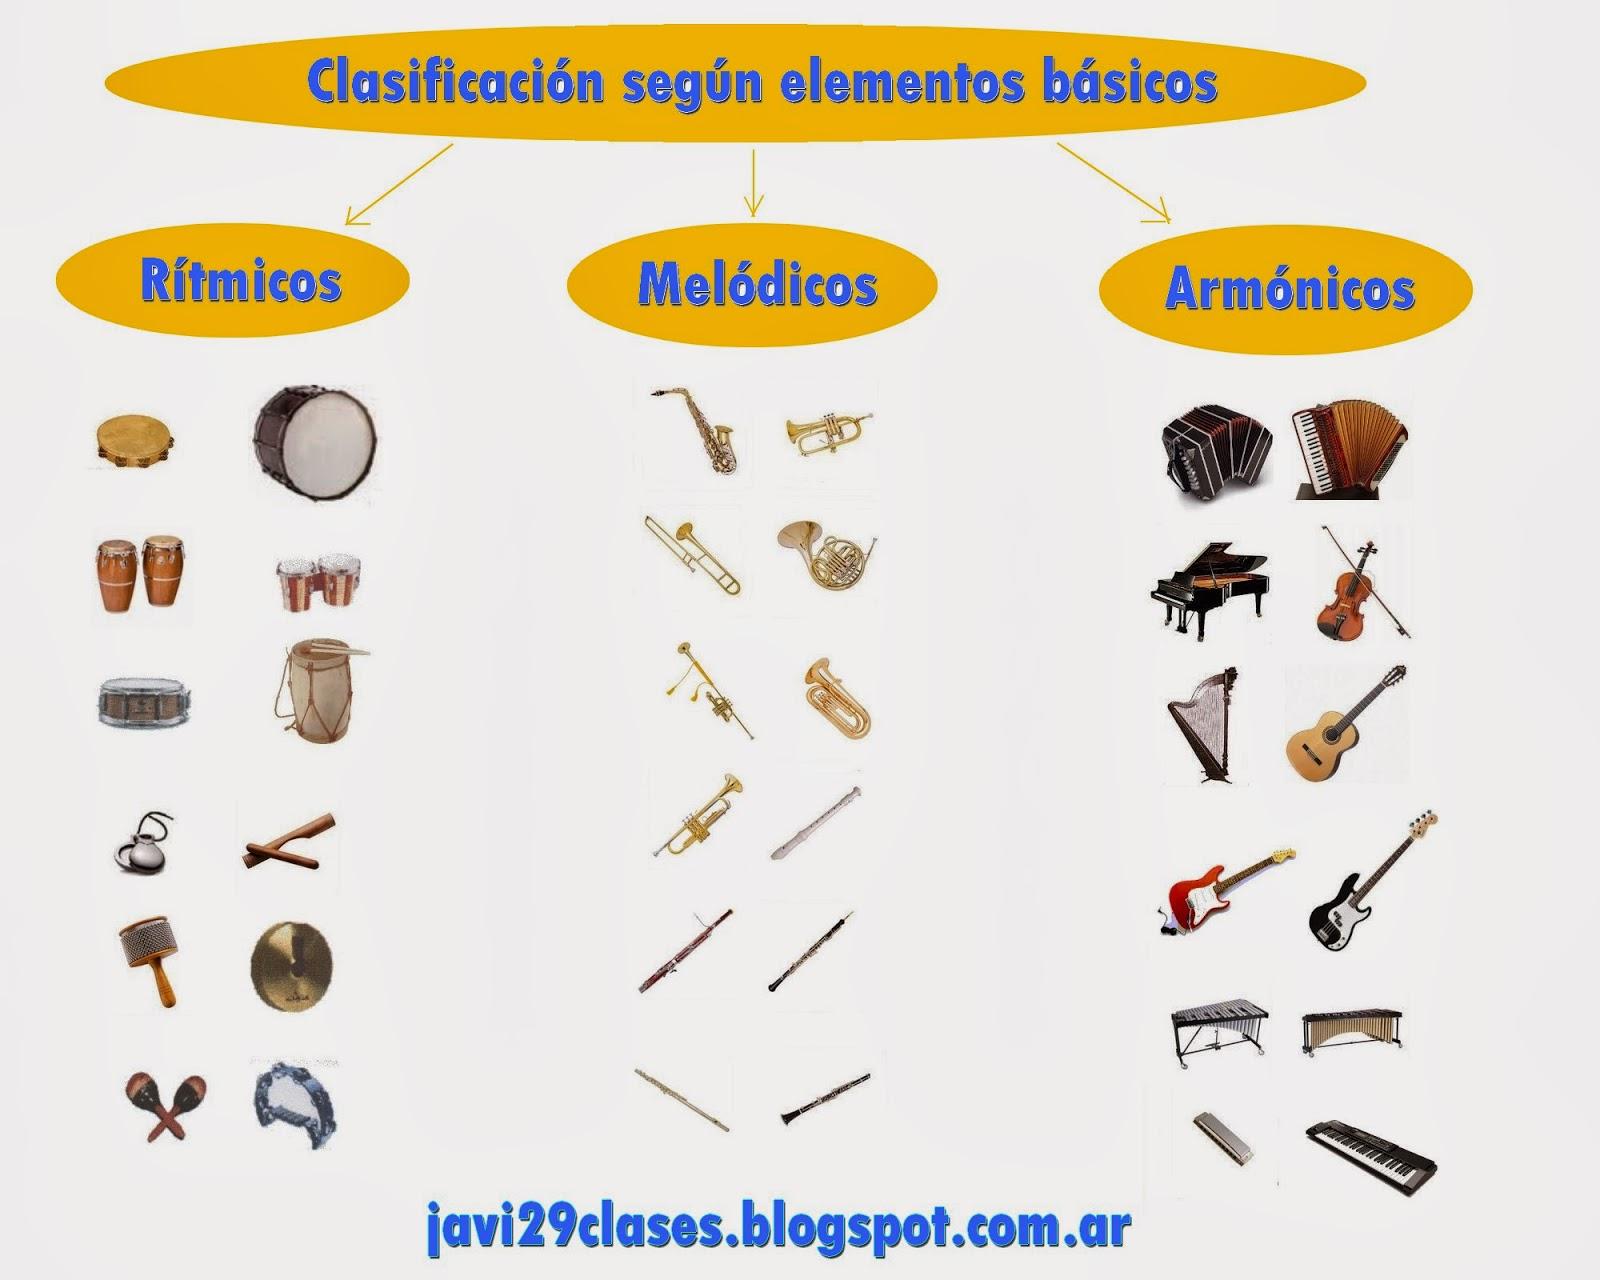 Clasificación según los elementos básicos, rítmicos, melódicos, armónicos